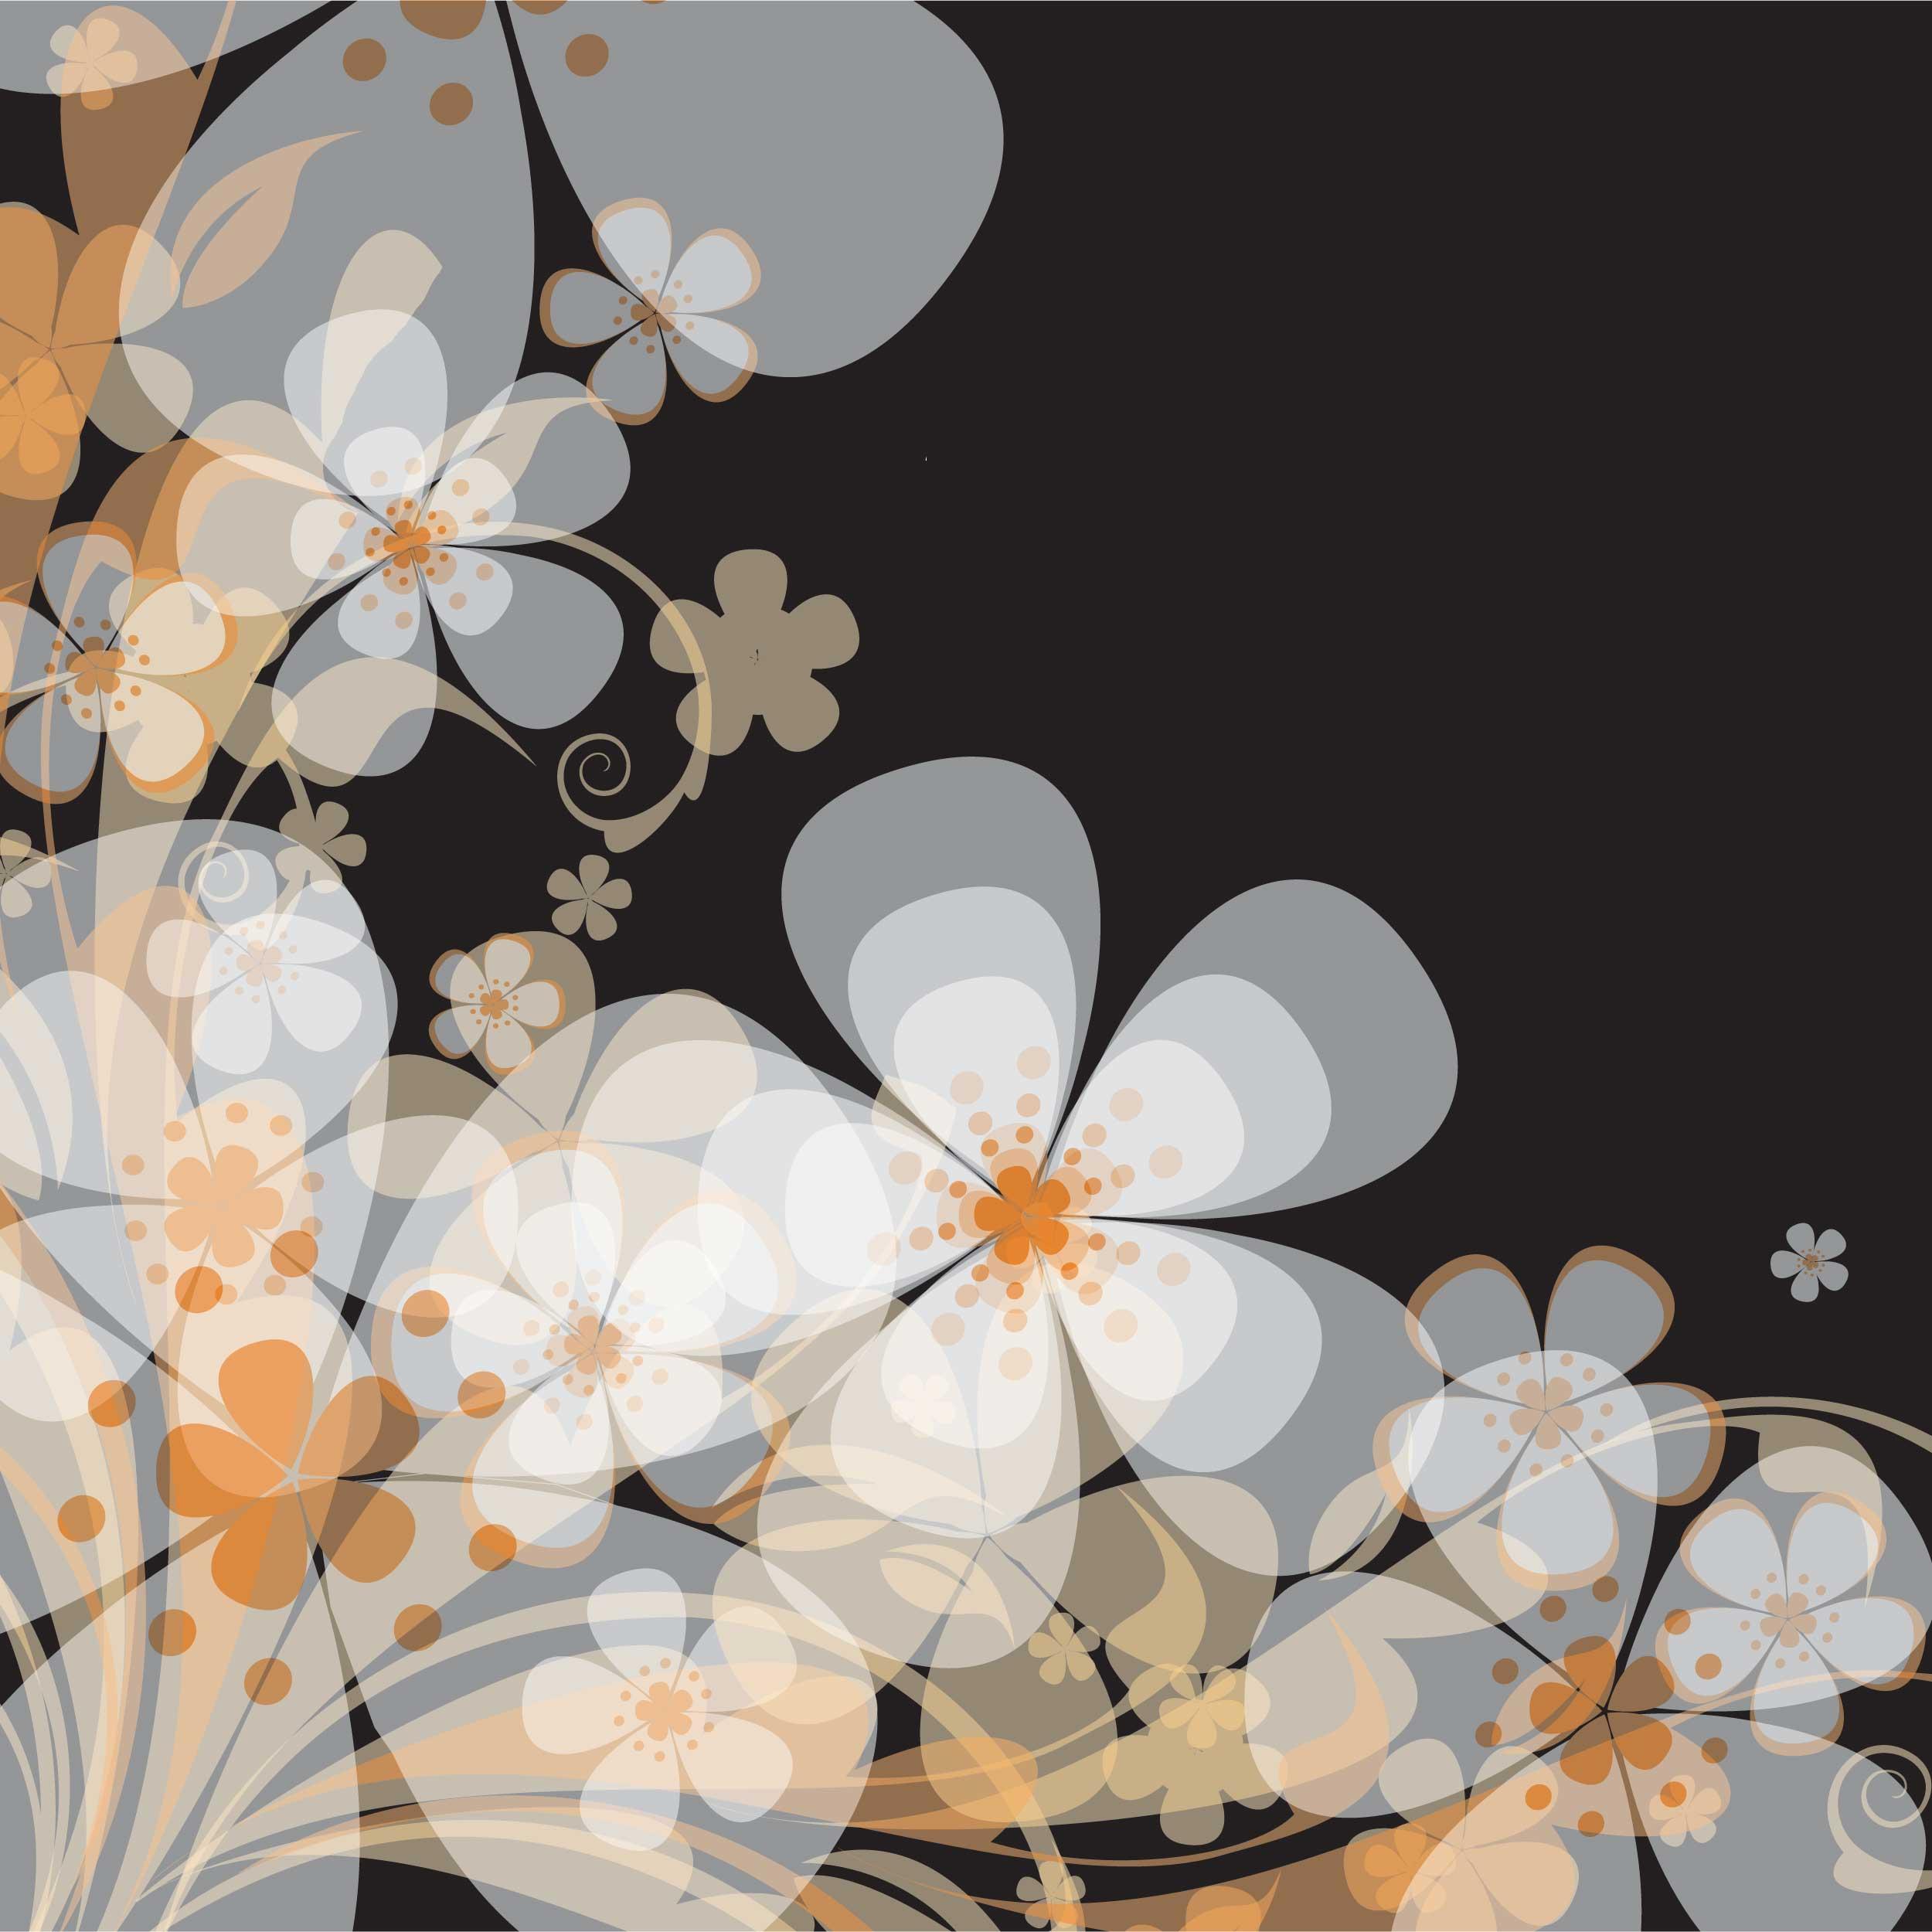 花のイラスト フリー素材 壁紙 背景no 280 白オレンジ 黒背景